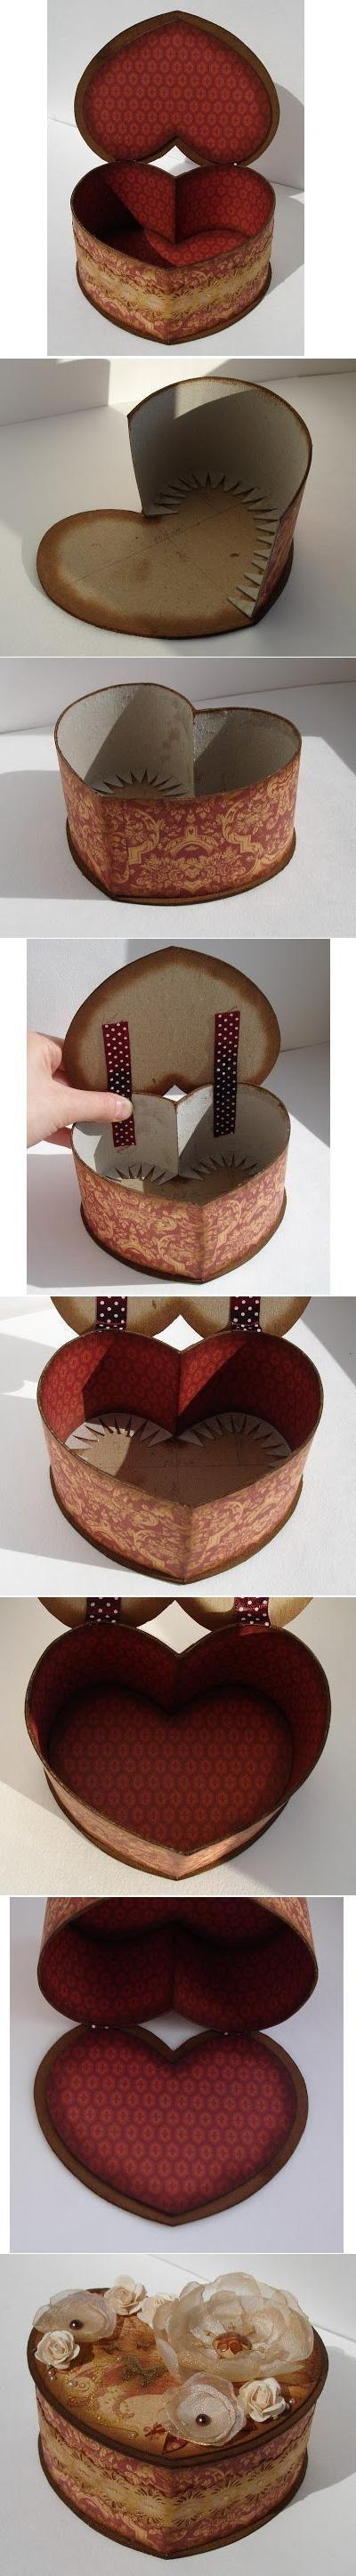 DIY Cardboard Heart Shaped Box DIY Projects / UsefulDIY.com